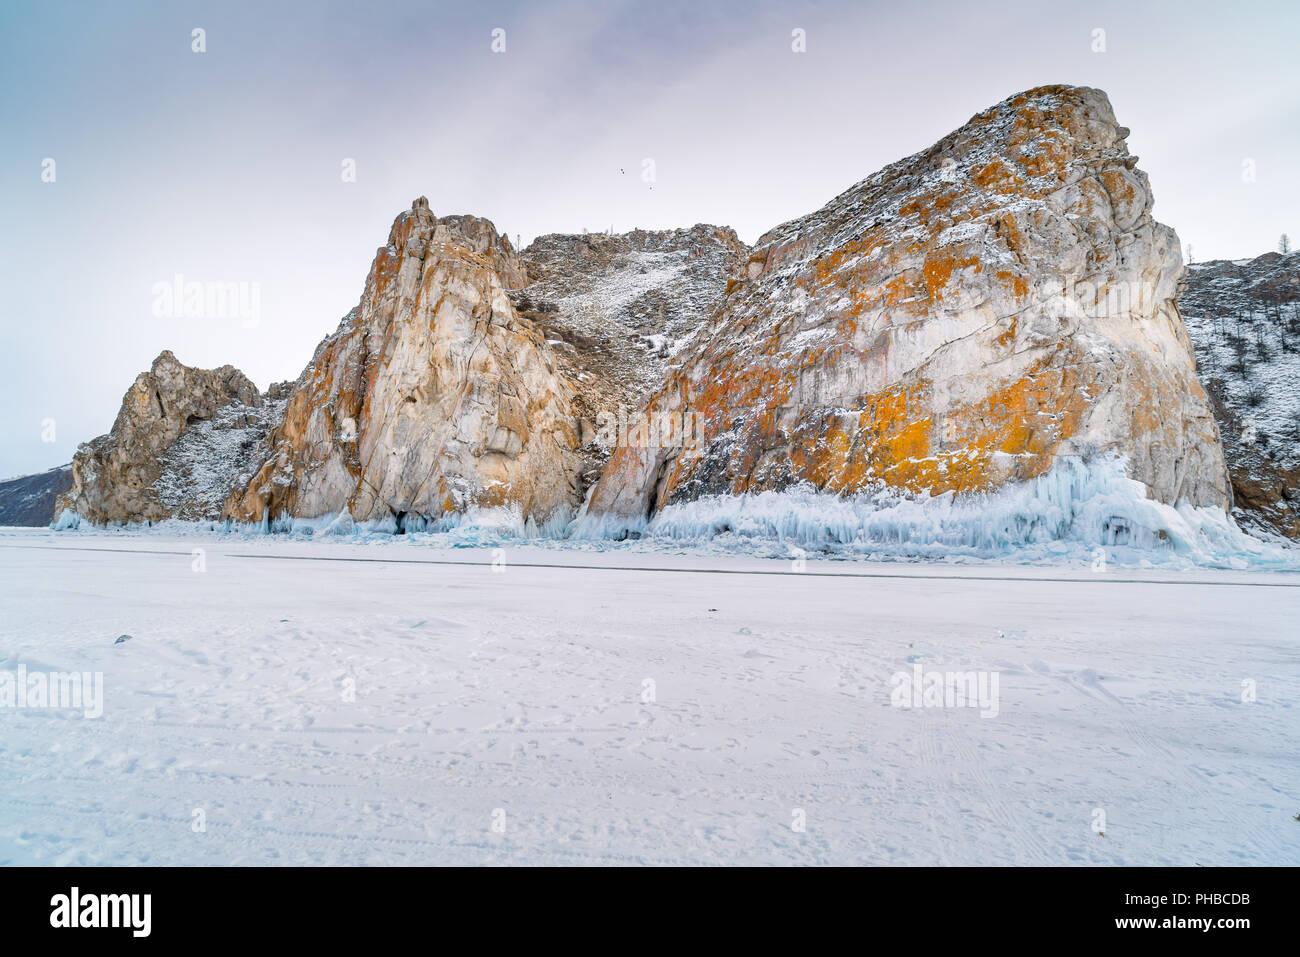 View of rocky island at Lake Baikal - Stock Image